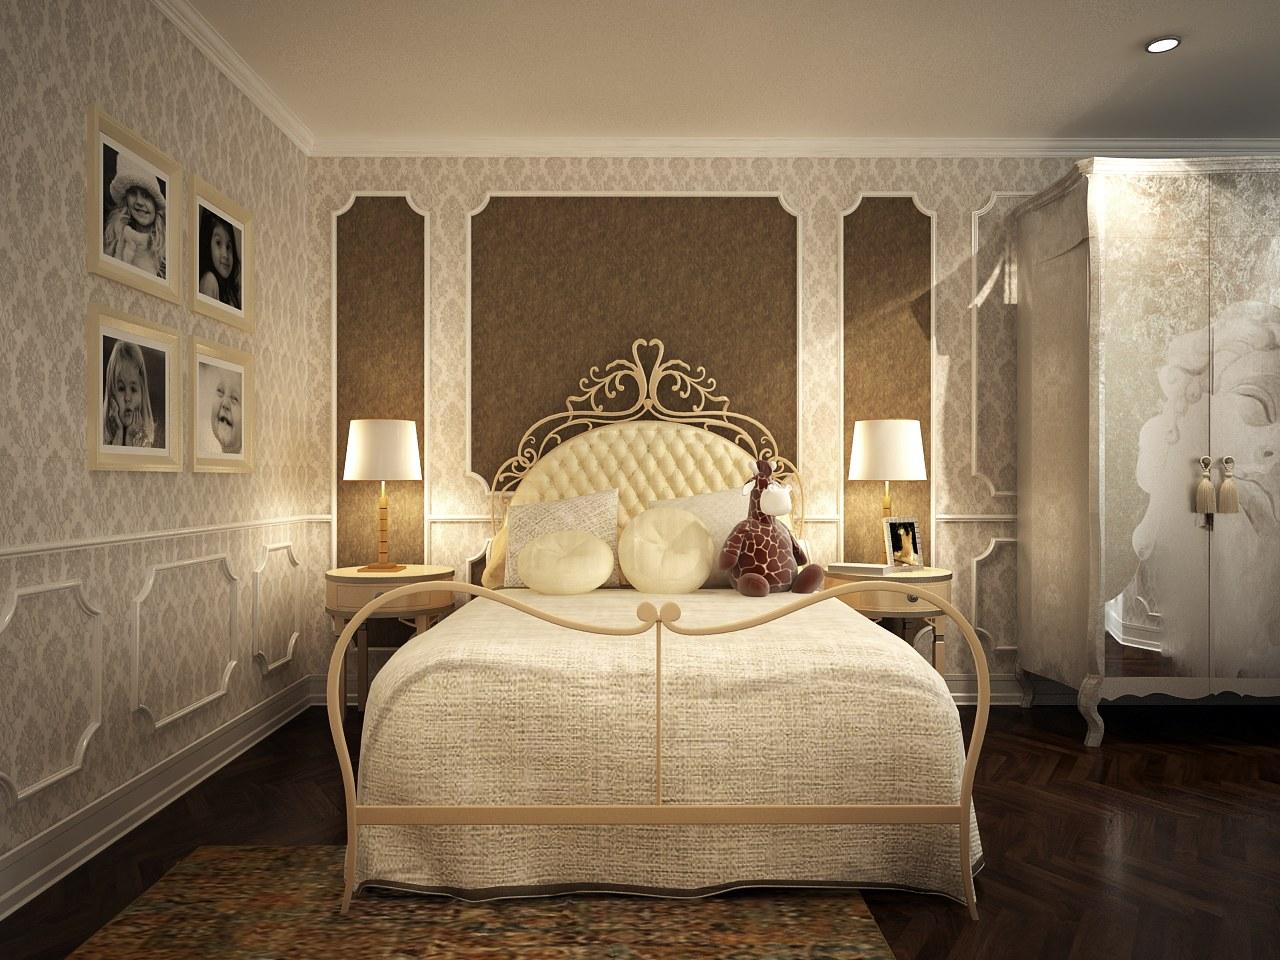 Chiếc giường sắt với họa tiết đẹp mắt